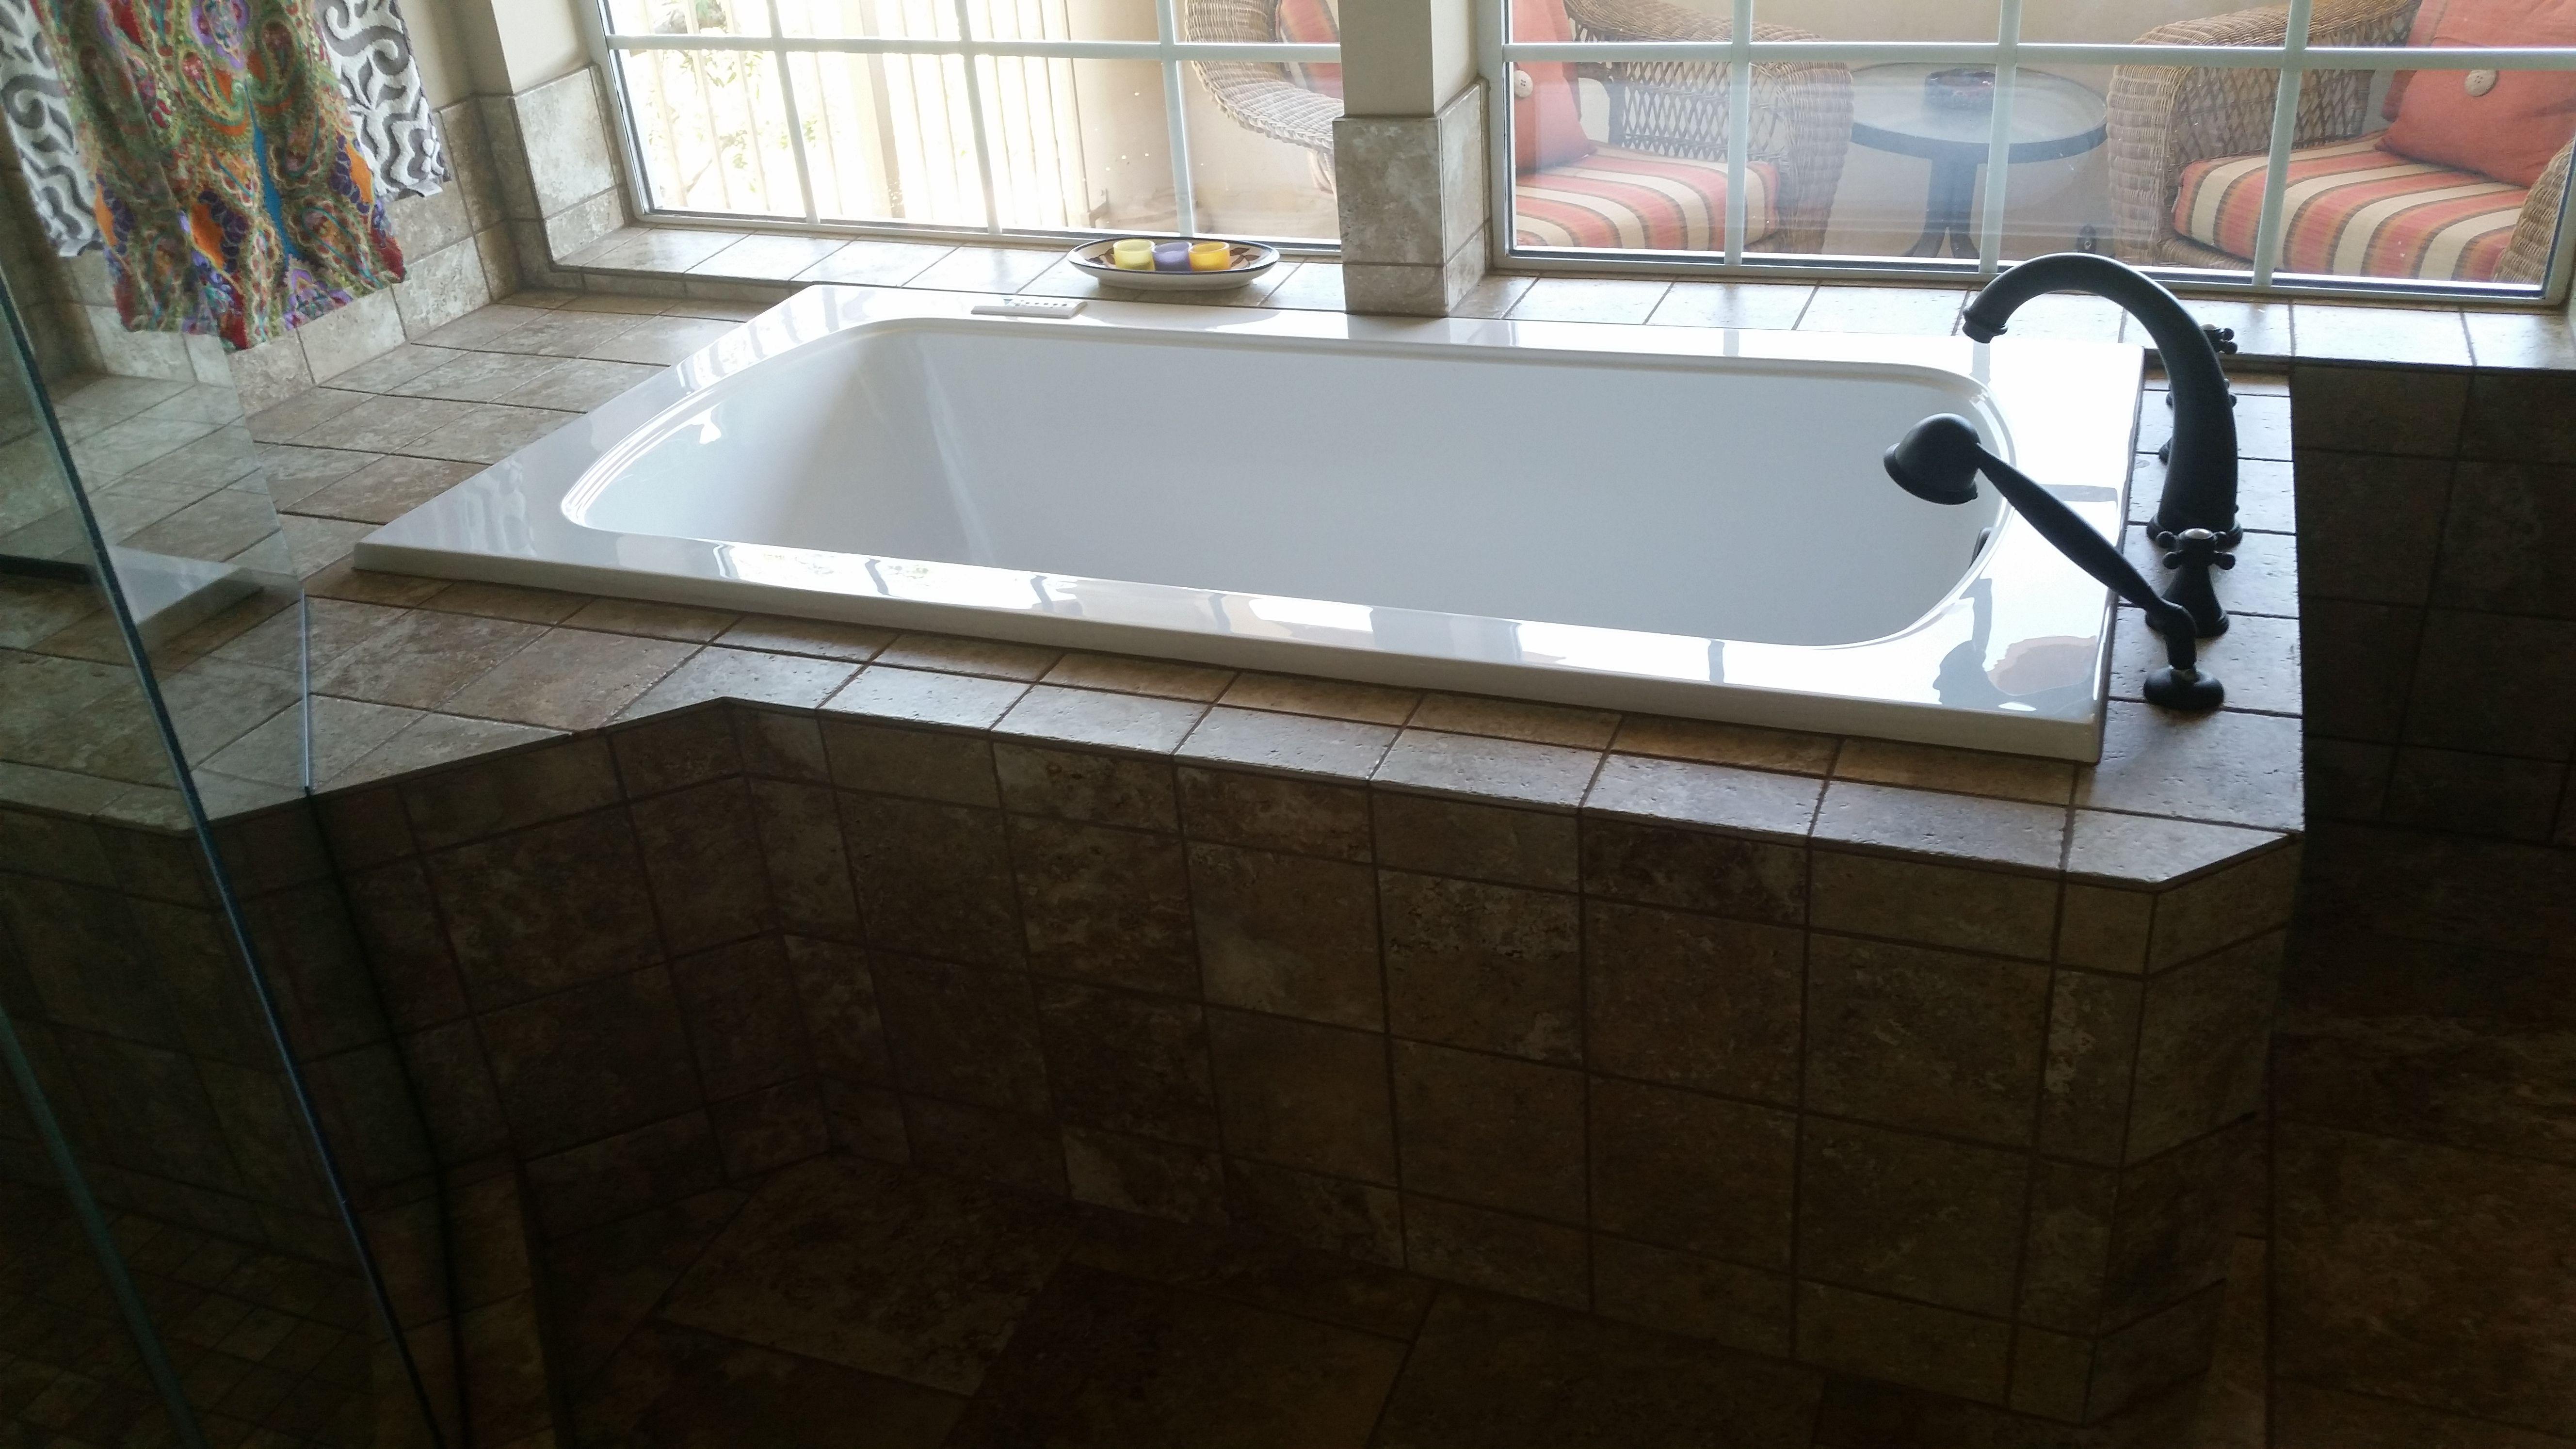 porcelain tile jacuzzi tub build out | Carpet & Tile Installations ...